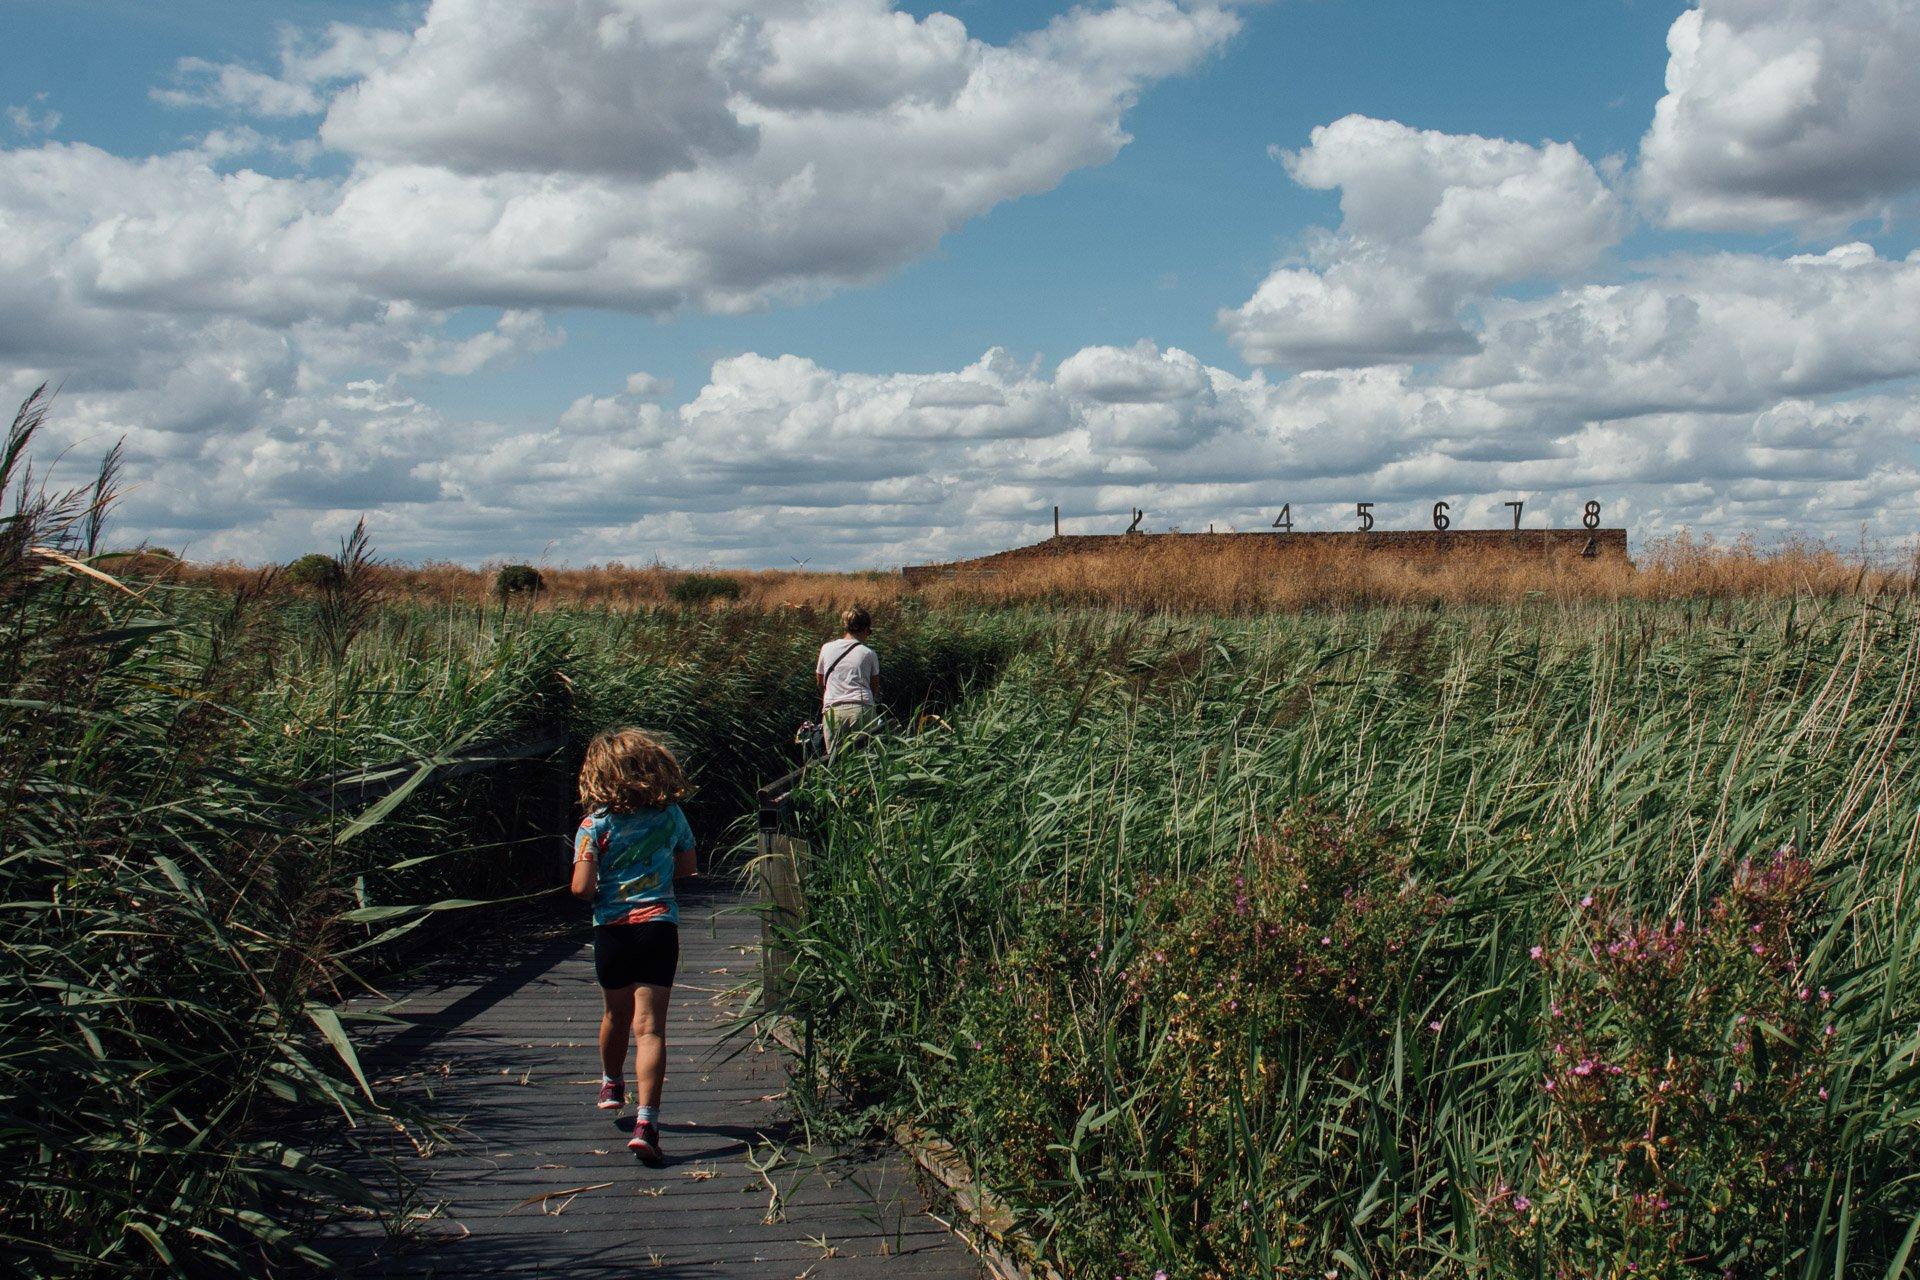 Girl running through London wetlands